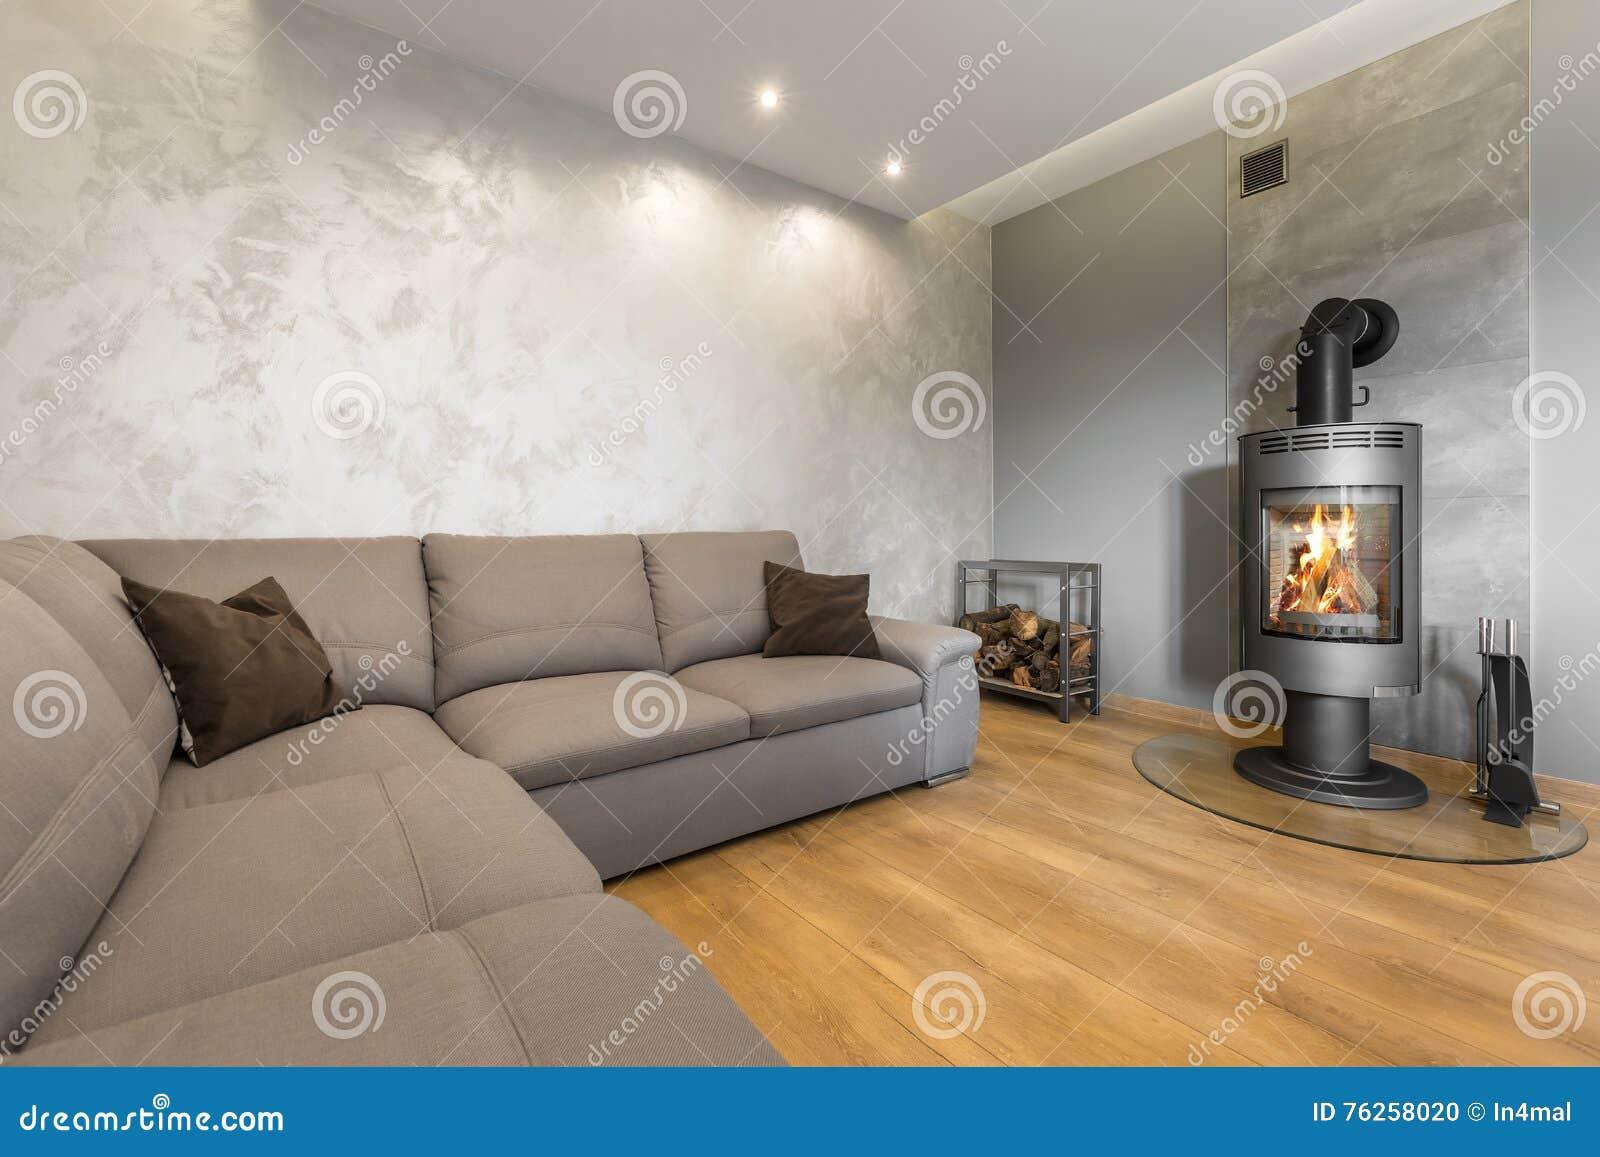 Wohnzimmer Mit Dekorativer Wandputzidee Stockfoto - Bild von brand ...